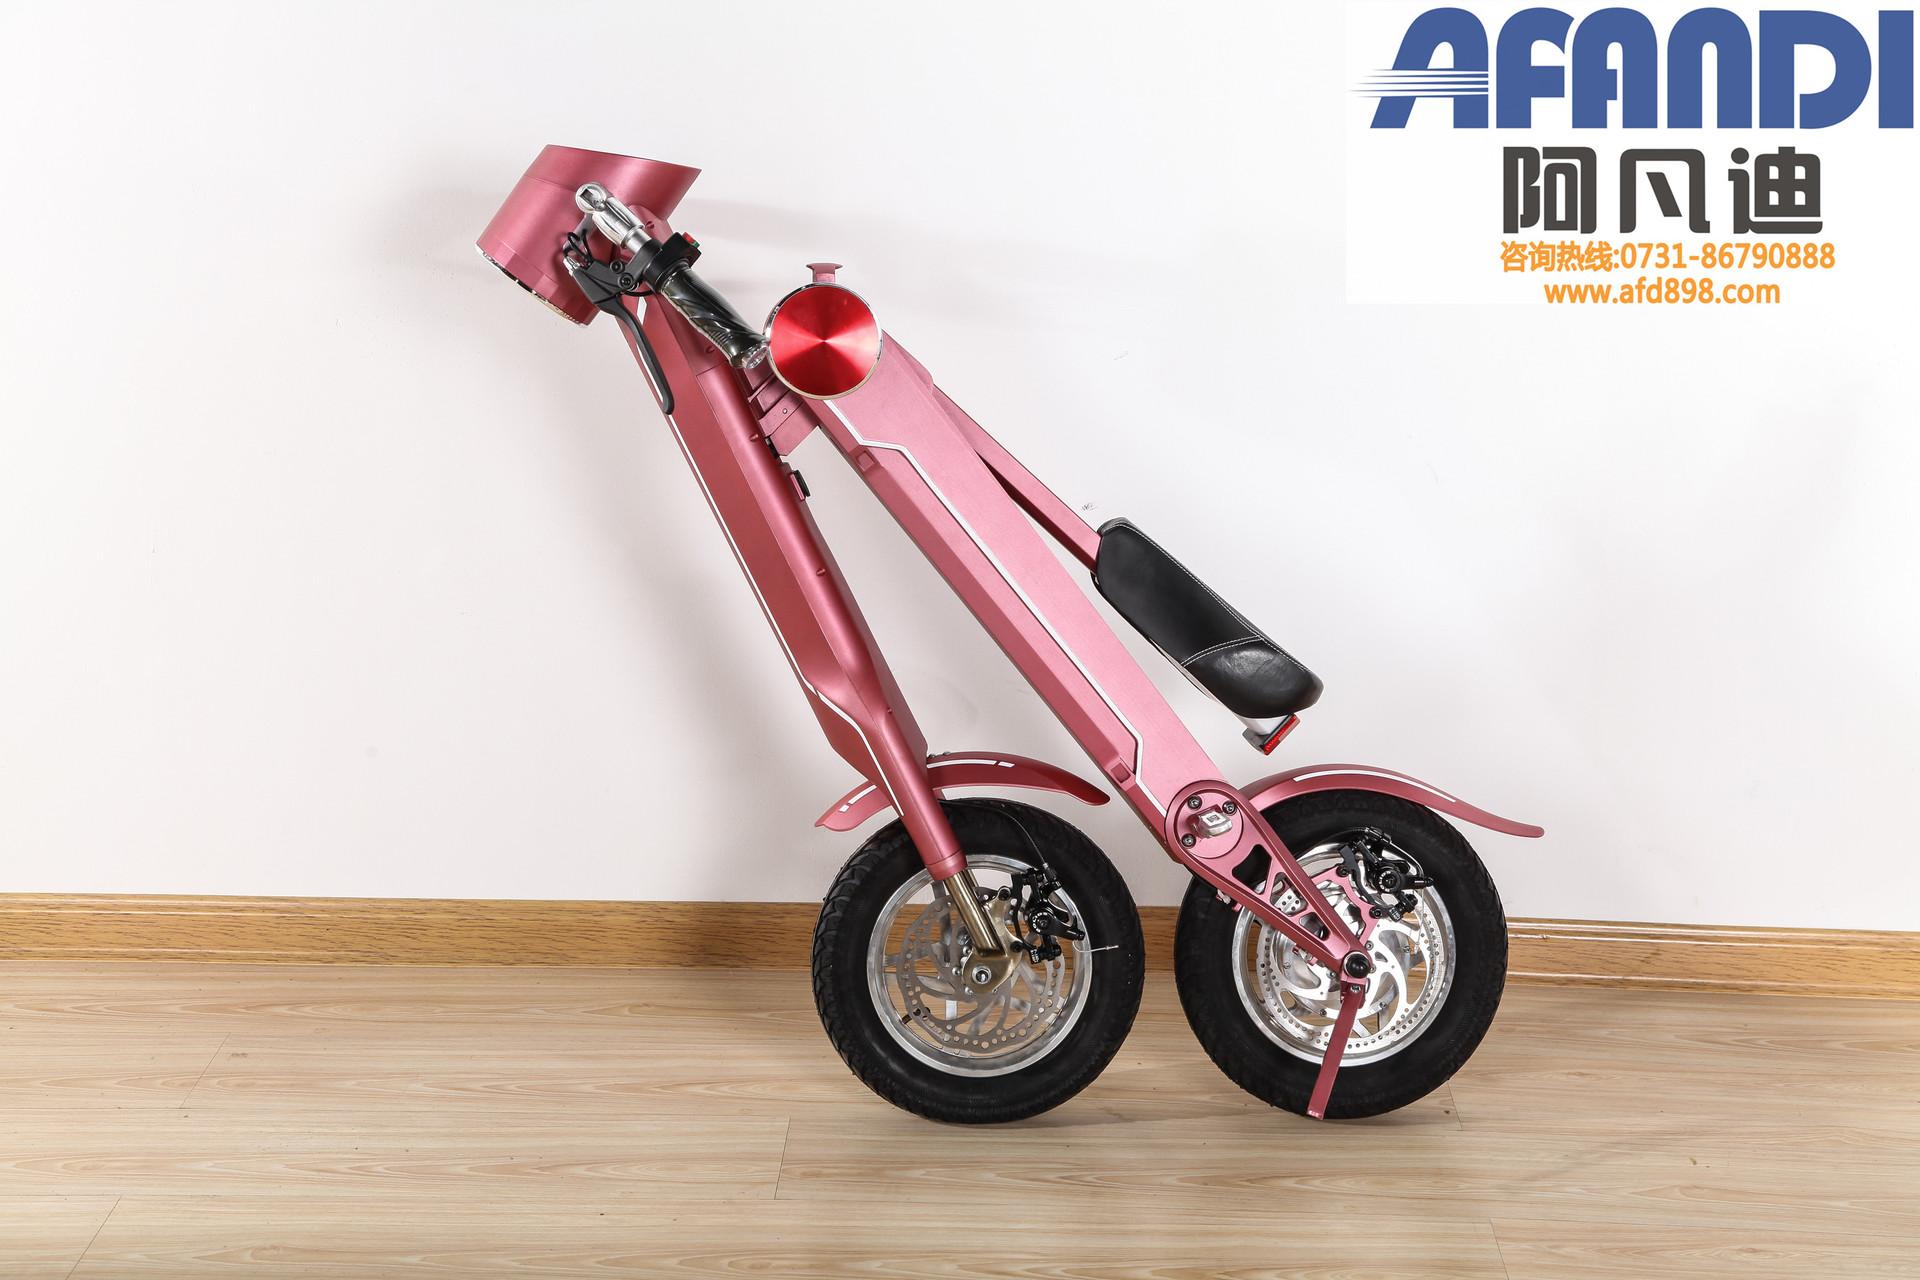 在洗车行附近代理阿凡迪电动滑板车收益不错吗 阿凡迪ET电动车引领时尚引领财富